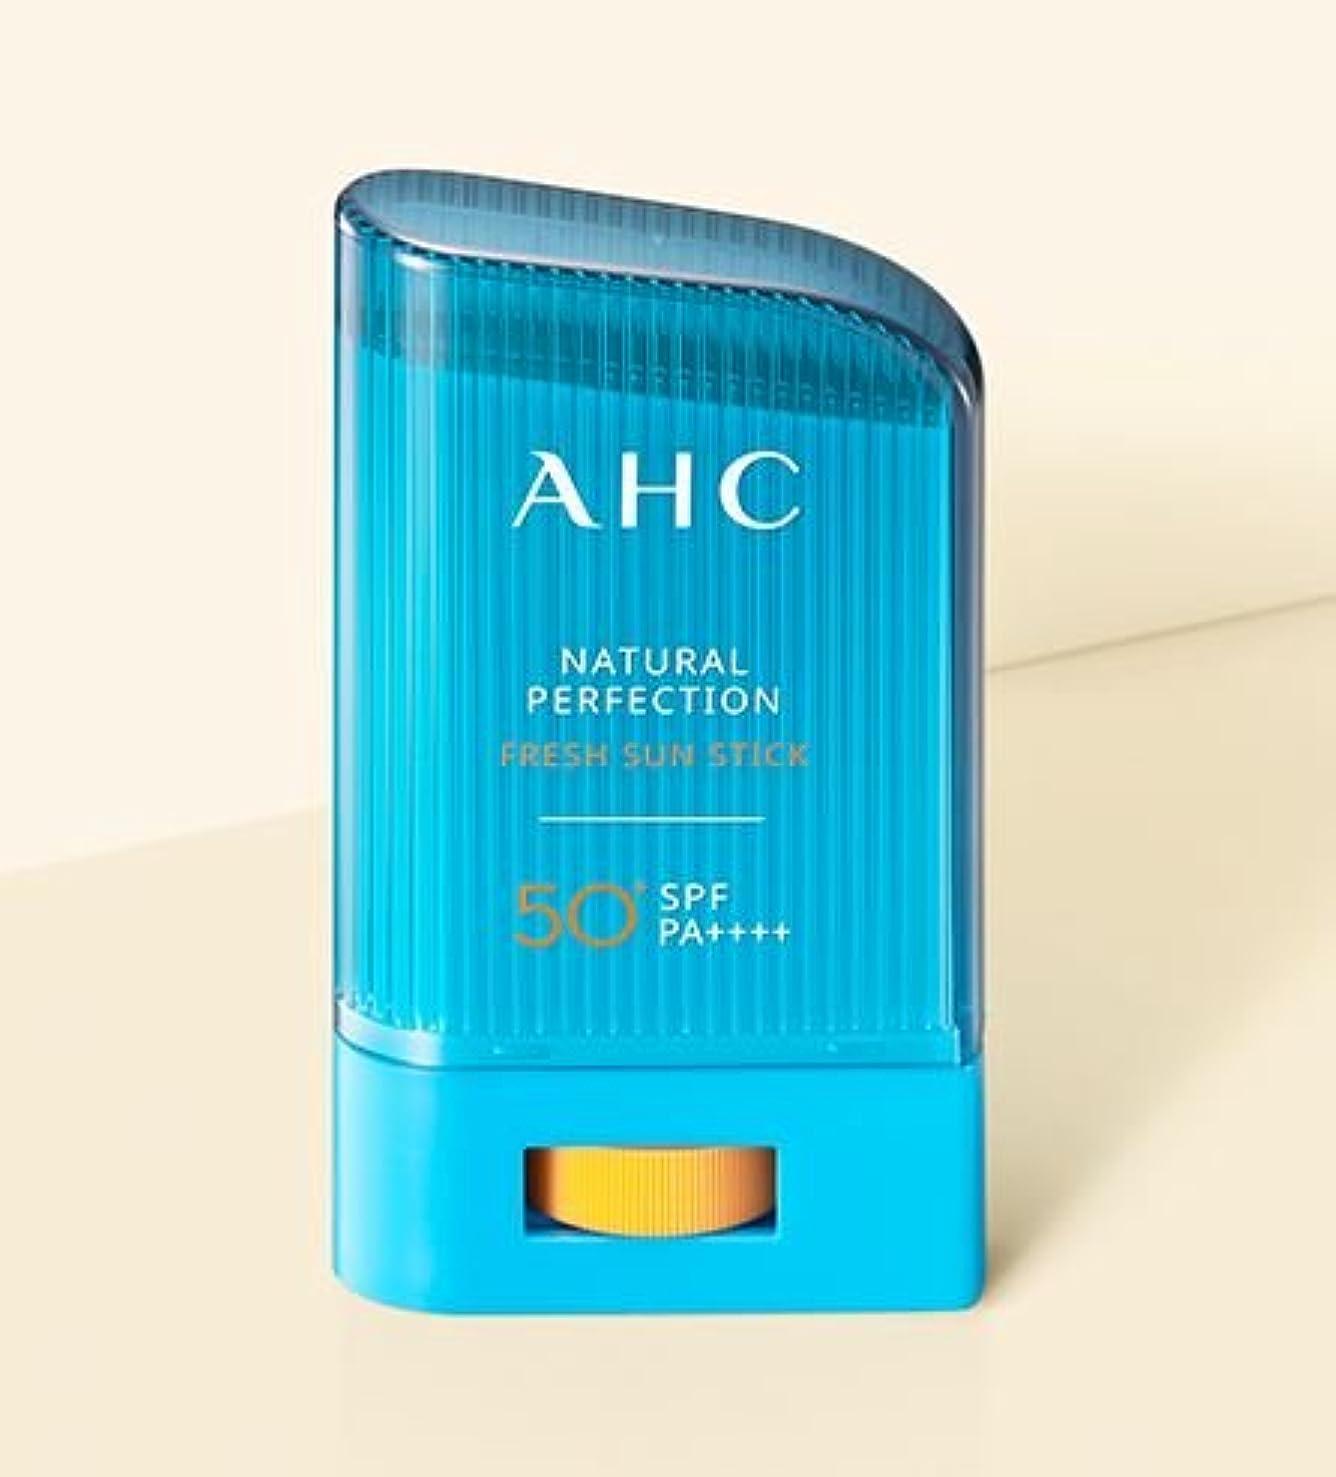 ヘア減るに向かってAHC Natural perfection fresh sun stick (22g) [並行輸入品]